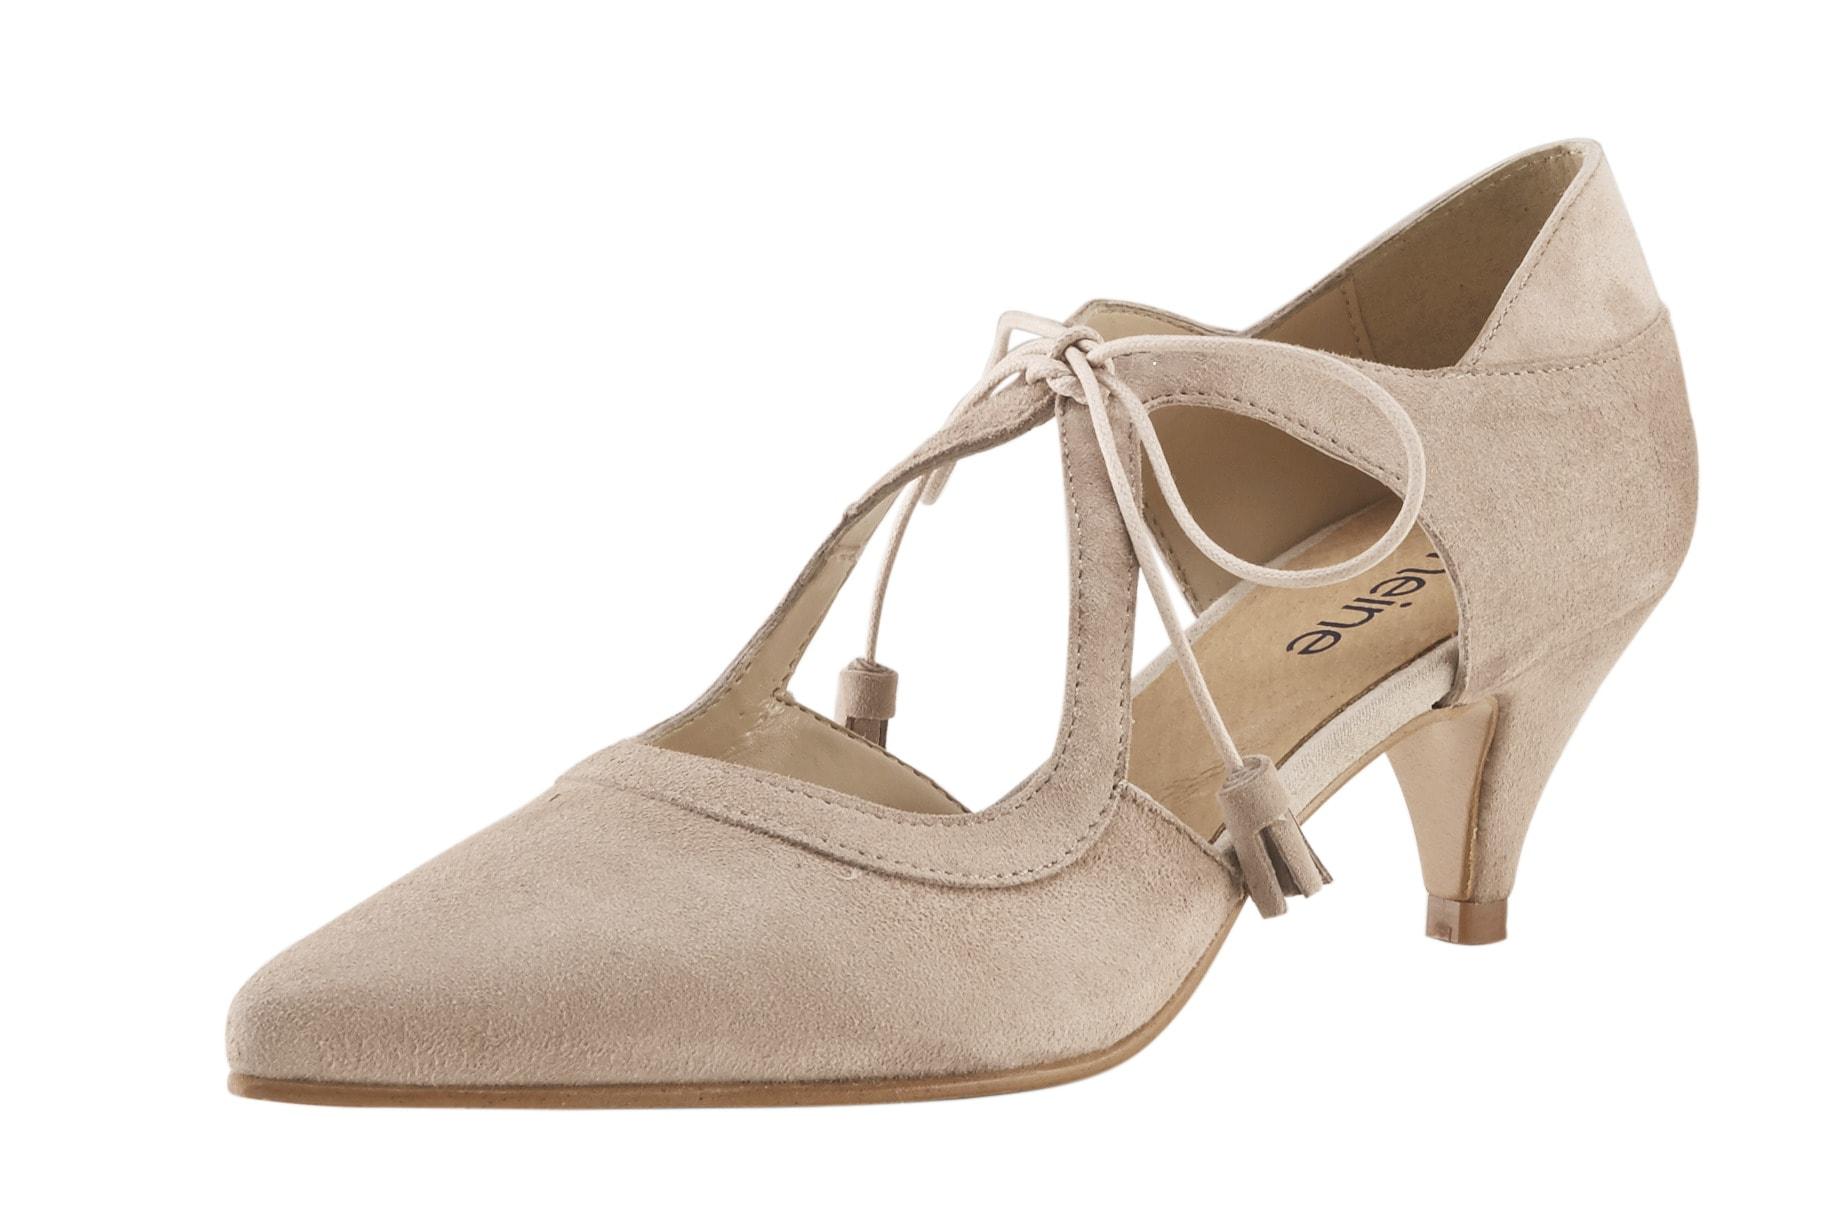 Schnürpumps mit individueller Schnürung | Schuhe > Pumps > Schnürpumps | heine